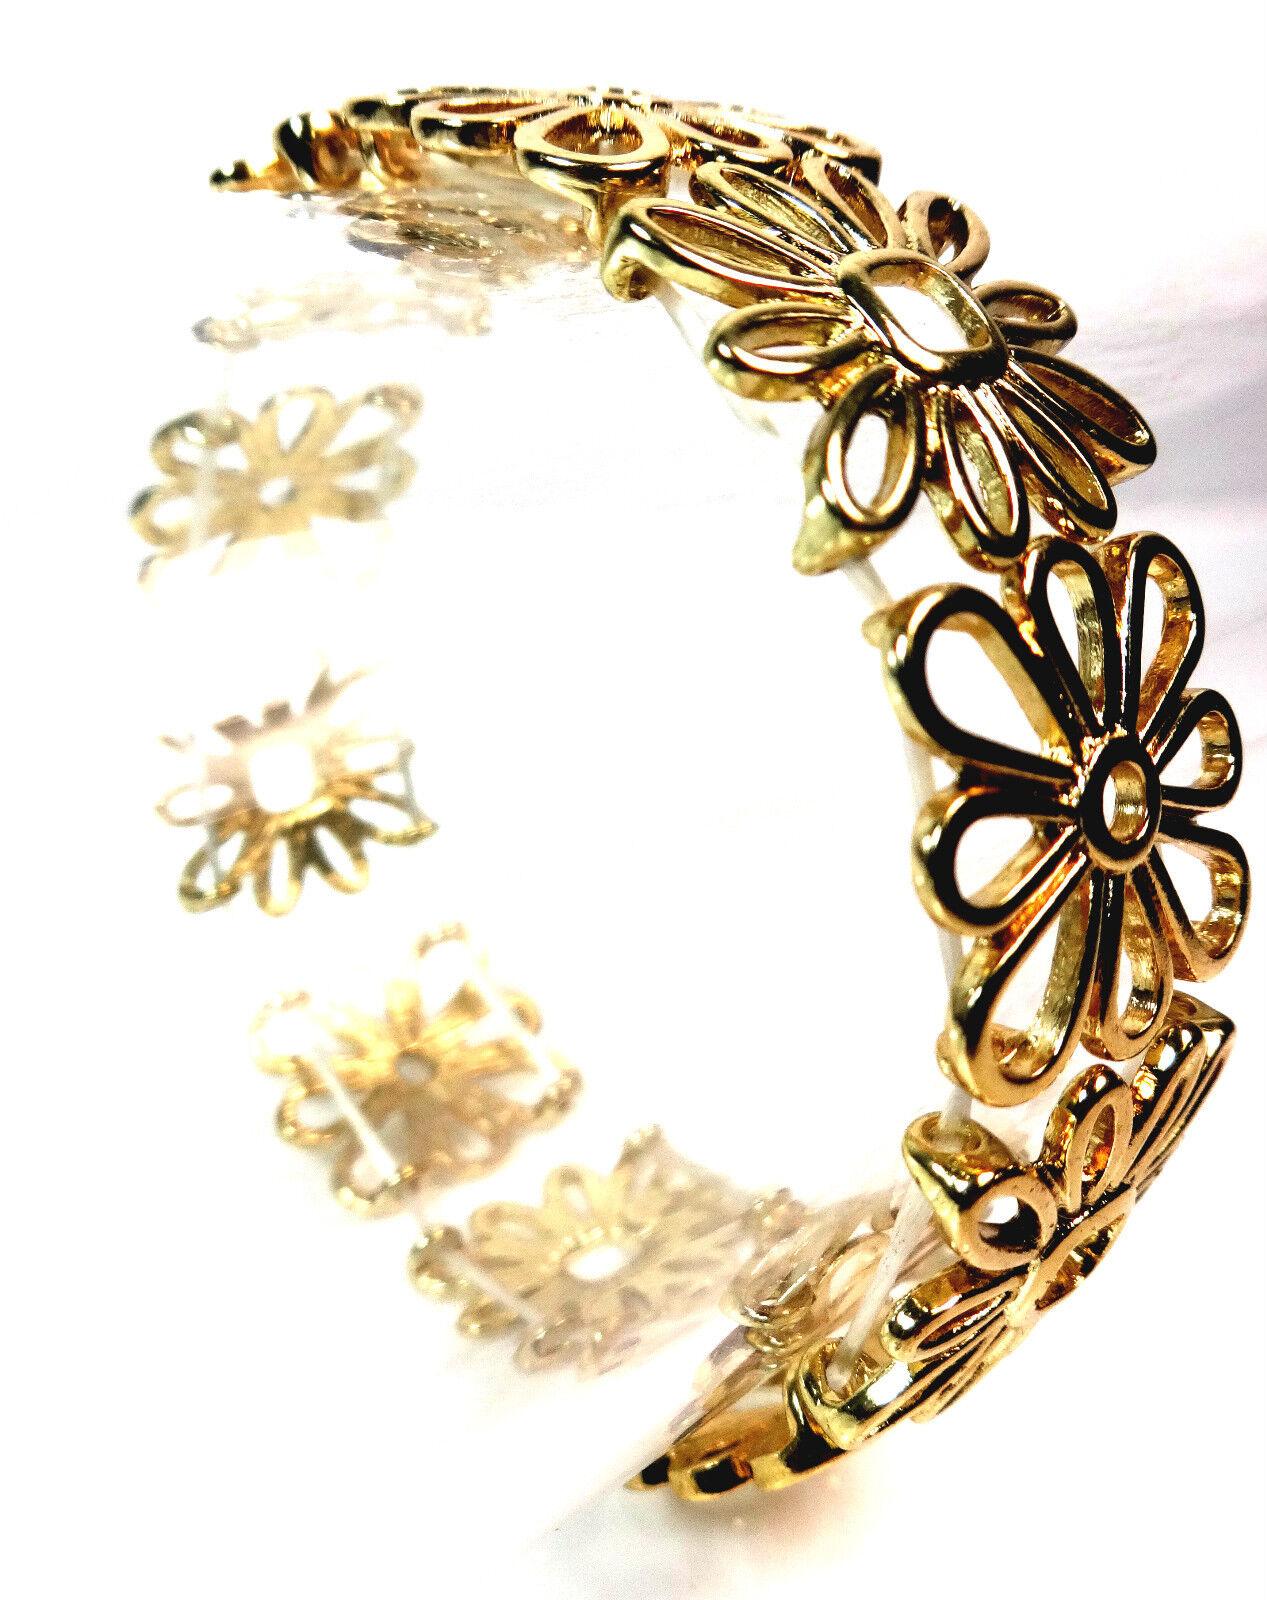 ELEGANT GOLD FLOWER BRACELET BANGLE CUTE CHIC CLASSY LIGHT BRAND NEW CL4